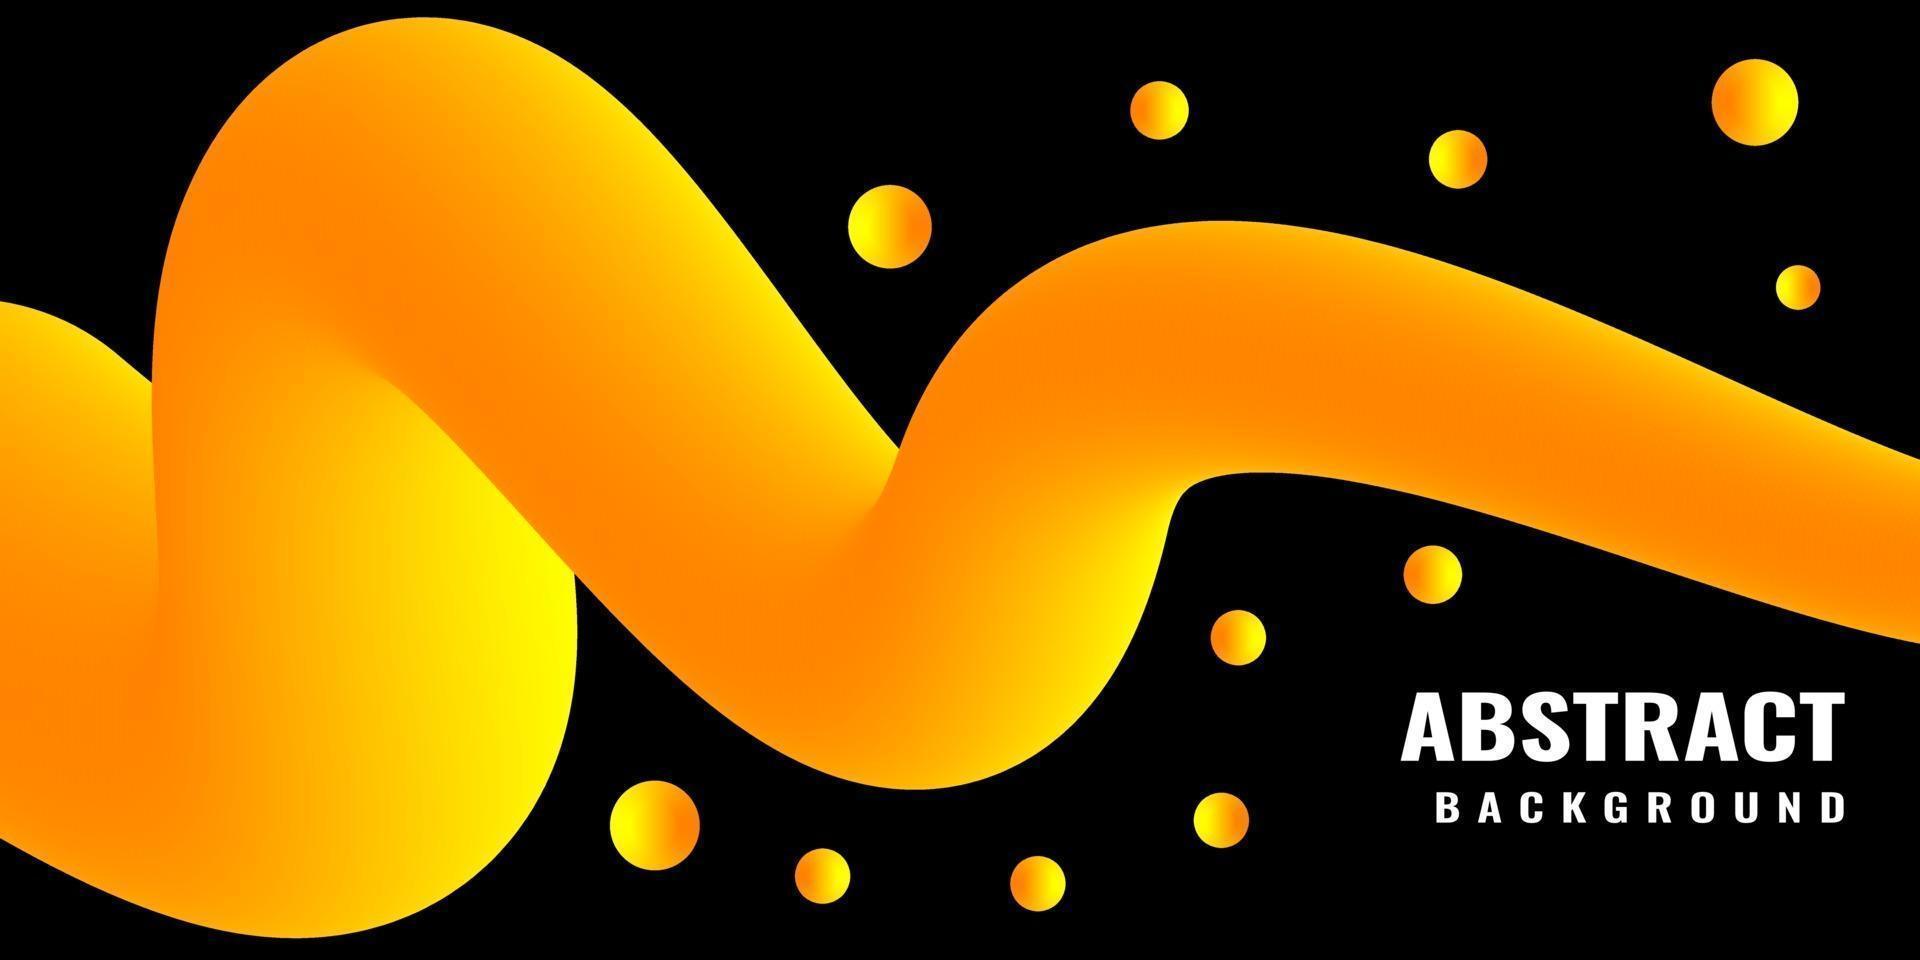 moderne abstracte vloeibare 3d achtergrond met geel kleurverloop vector